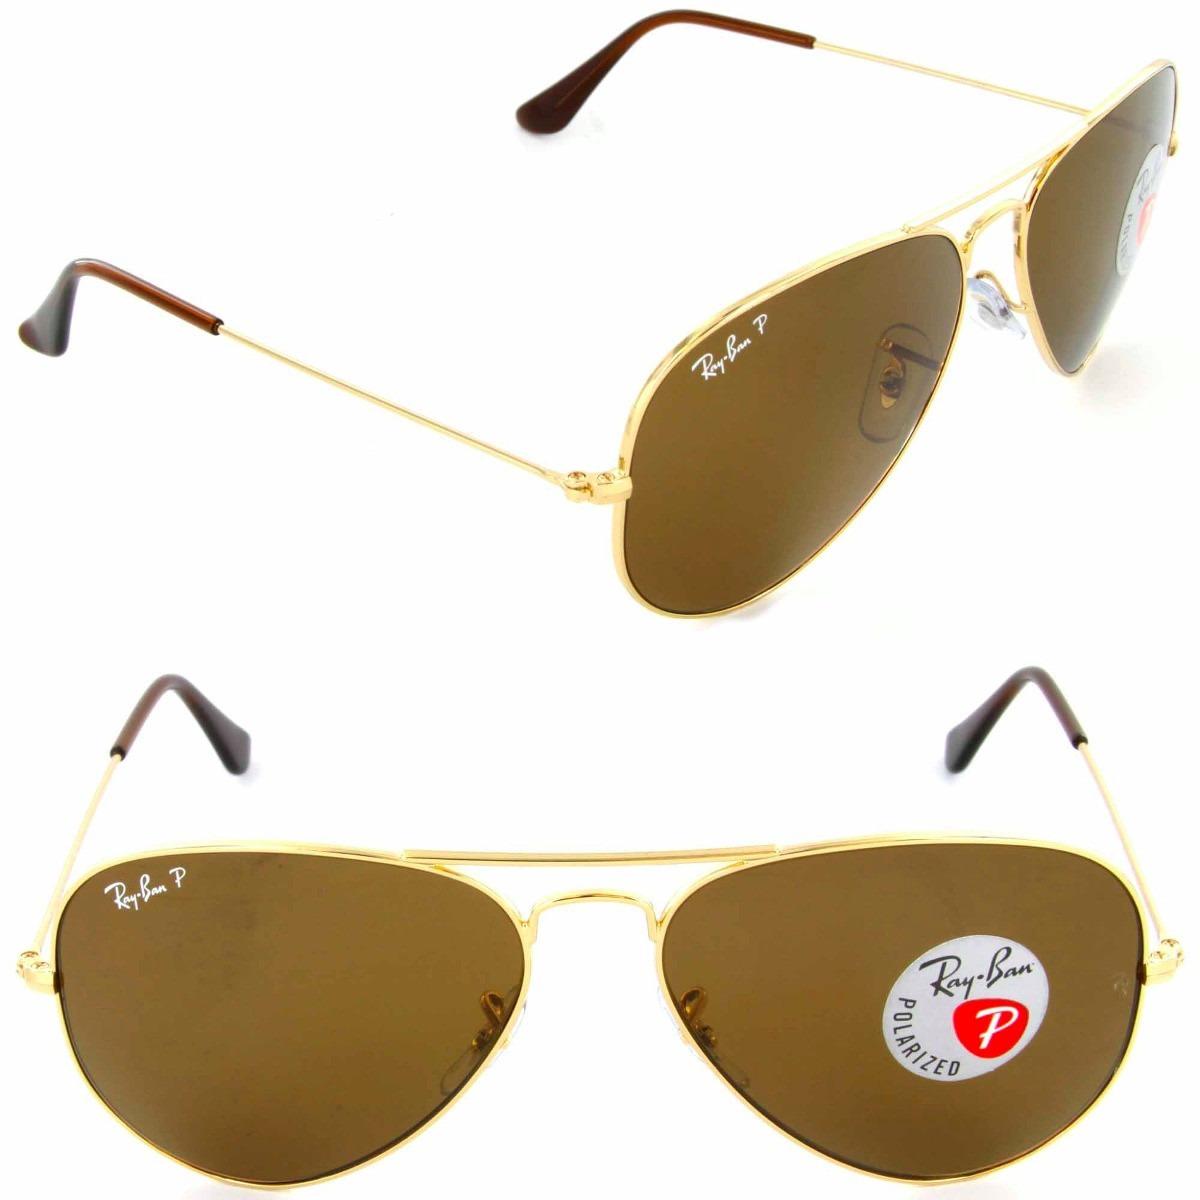 5875b64271904 ray ban aviator 3025 polarizados anteojos de sol oferta. Cargando zoom.